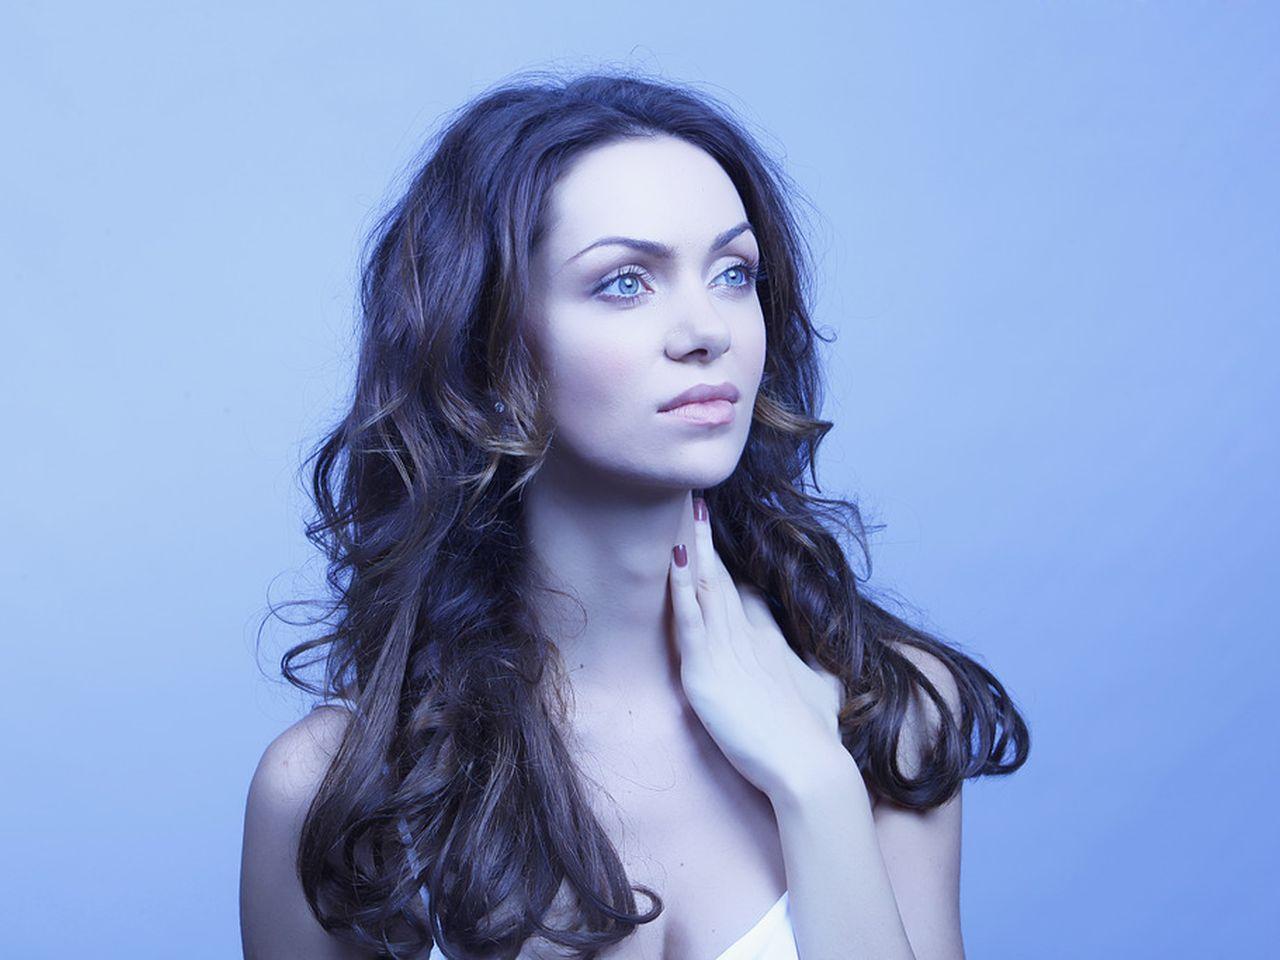 Фото русских актрис и певиц 15 фотография